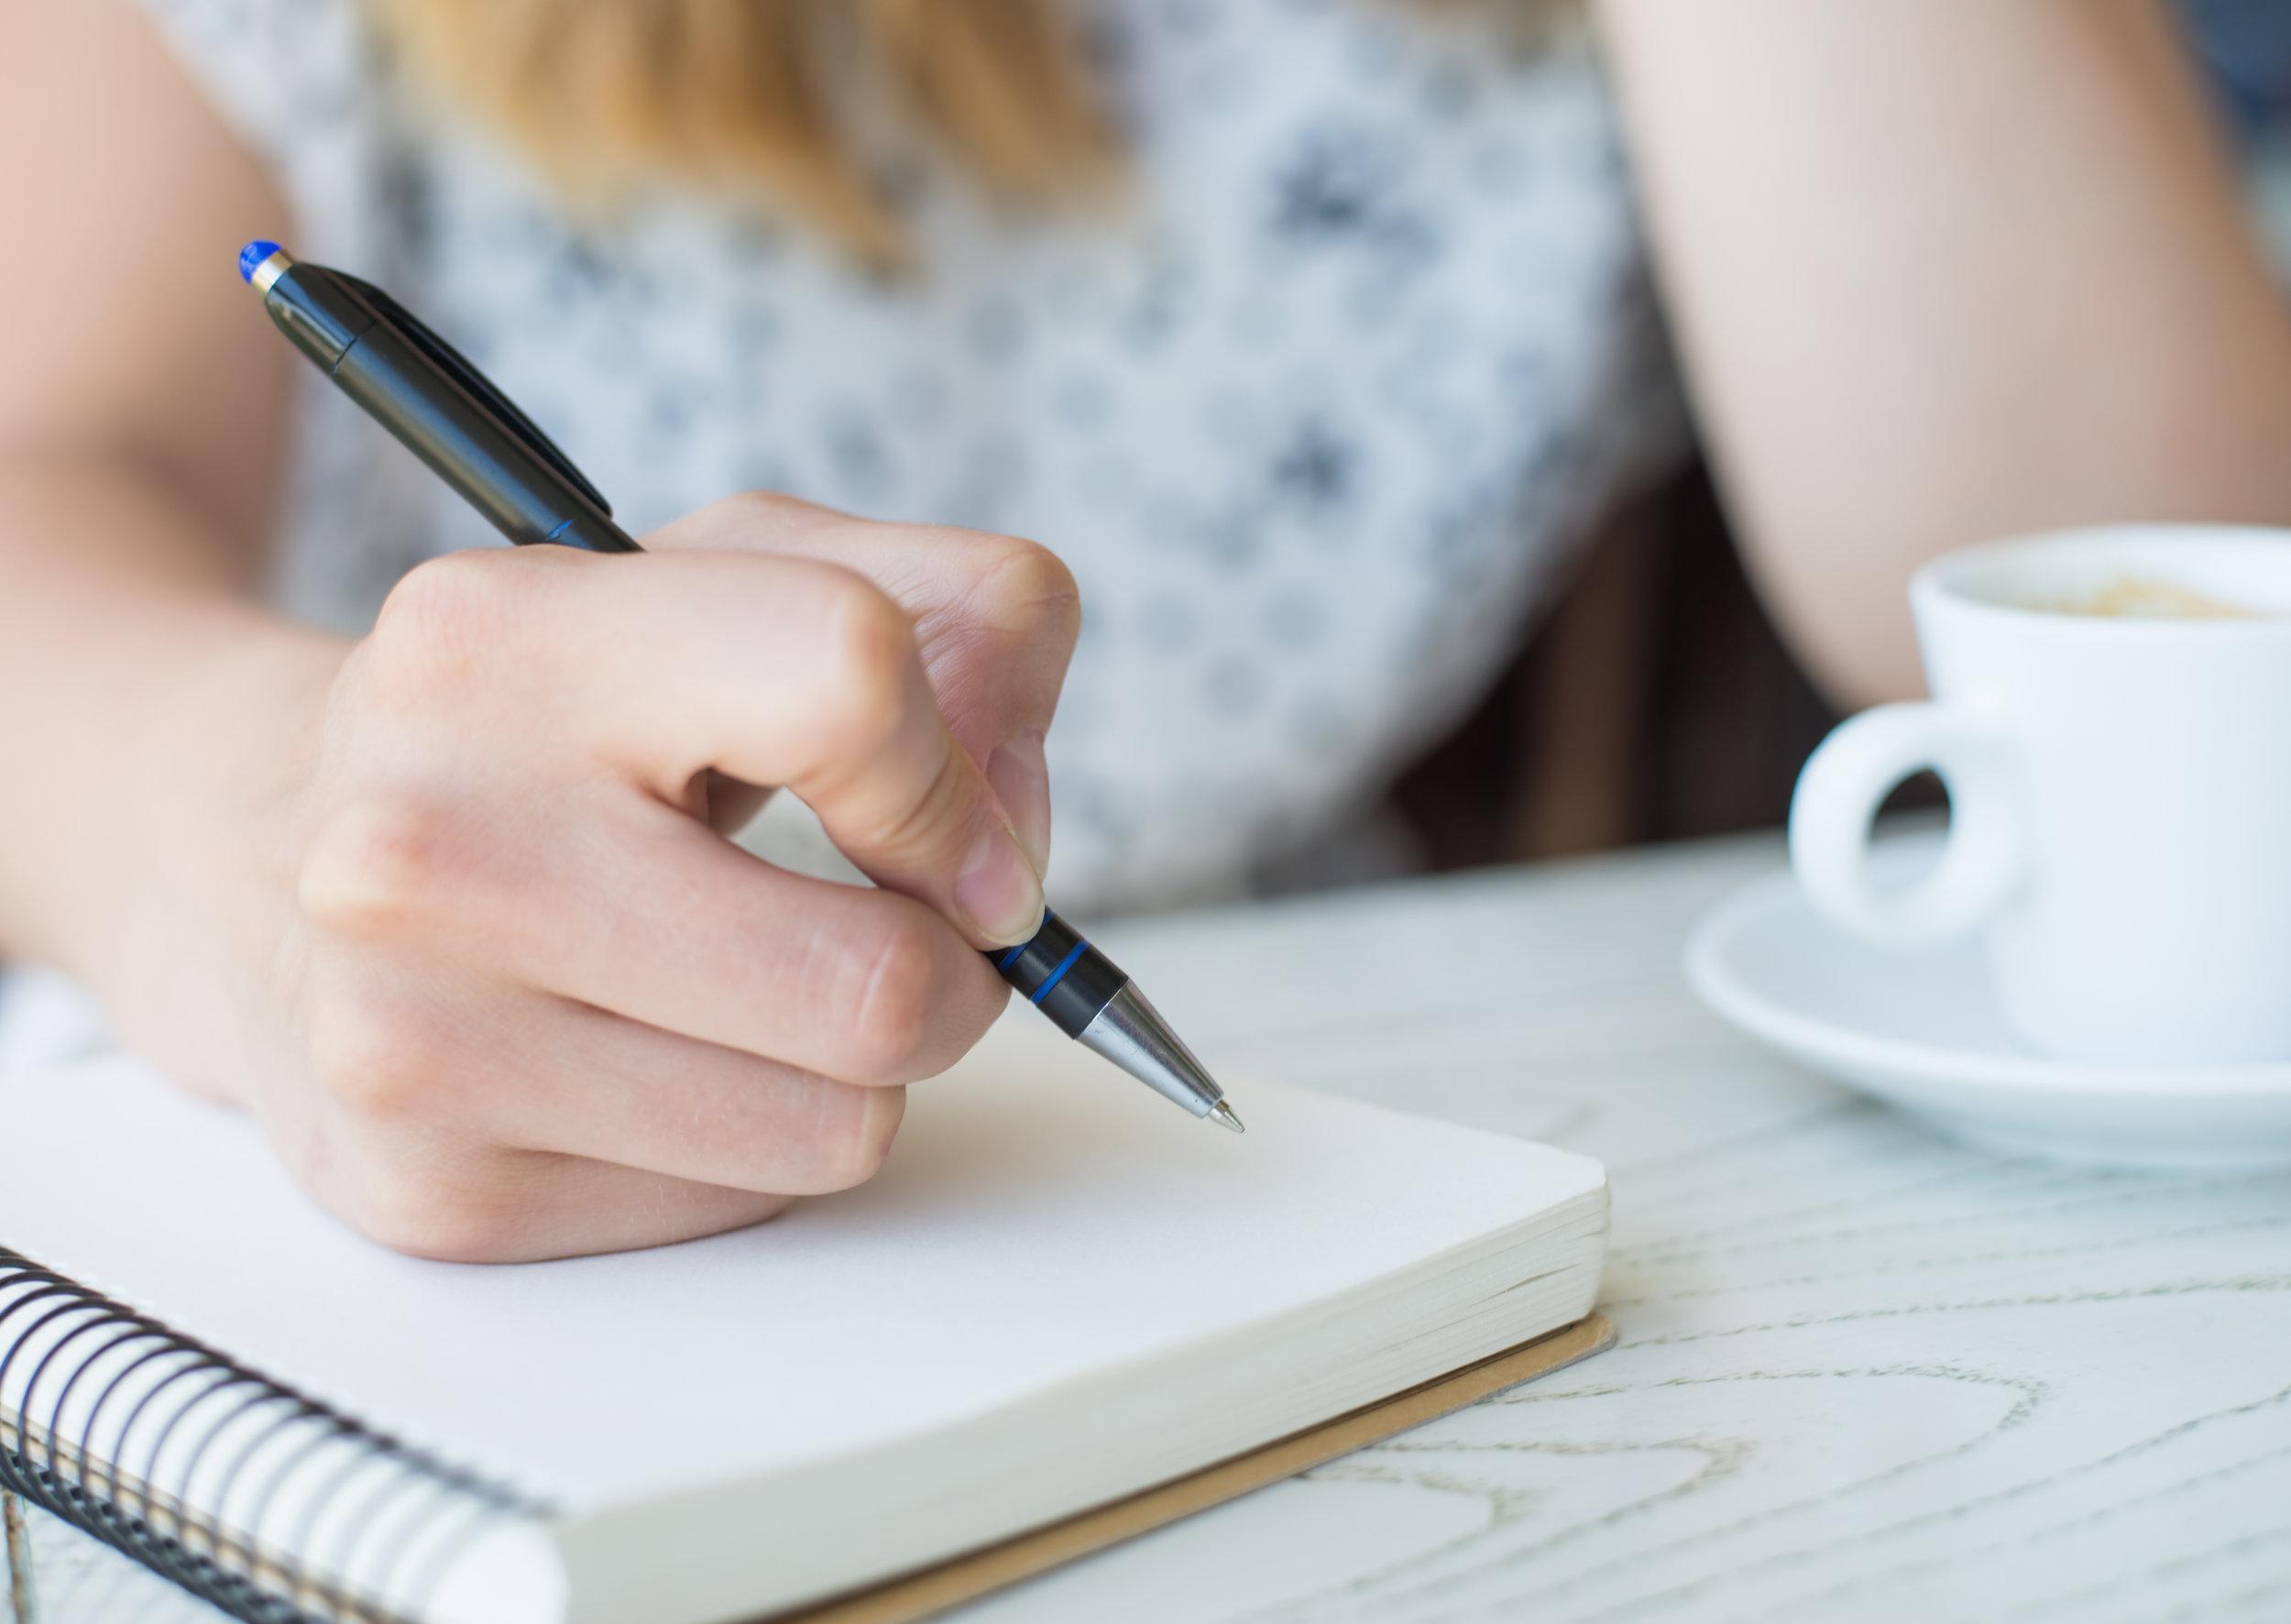 Journaling during morning routine